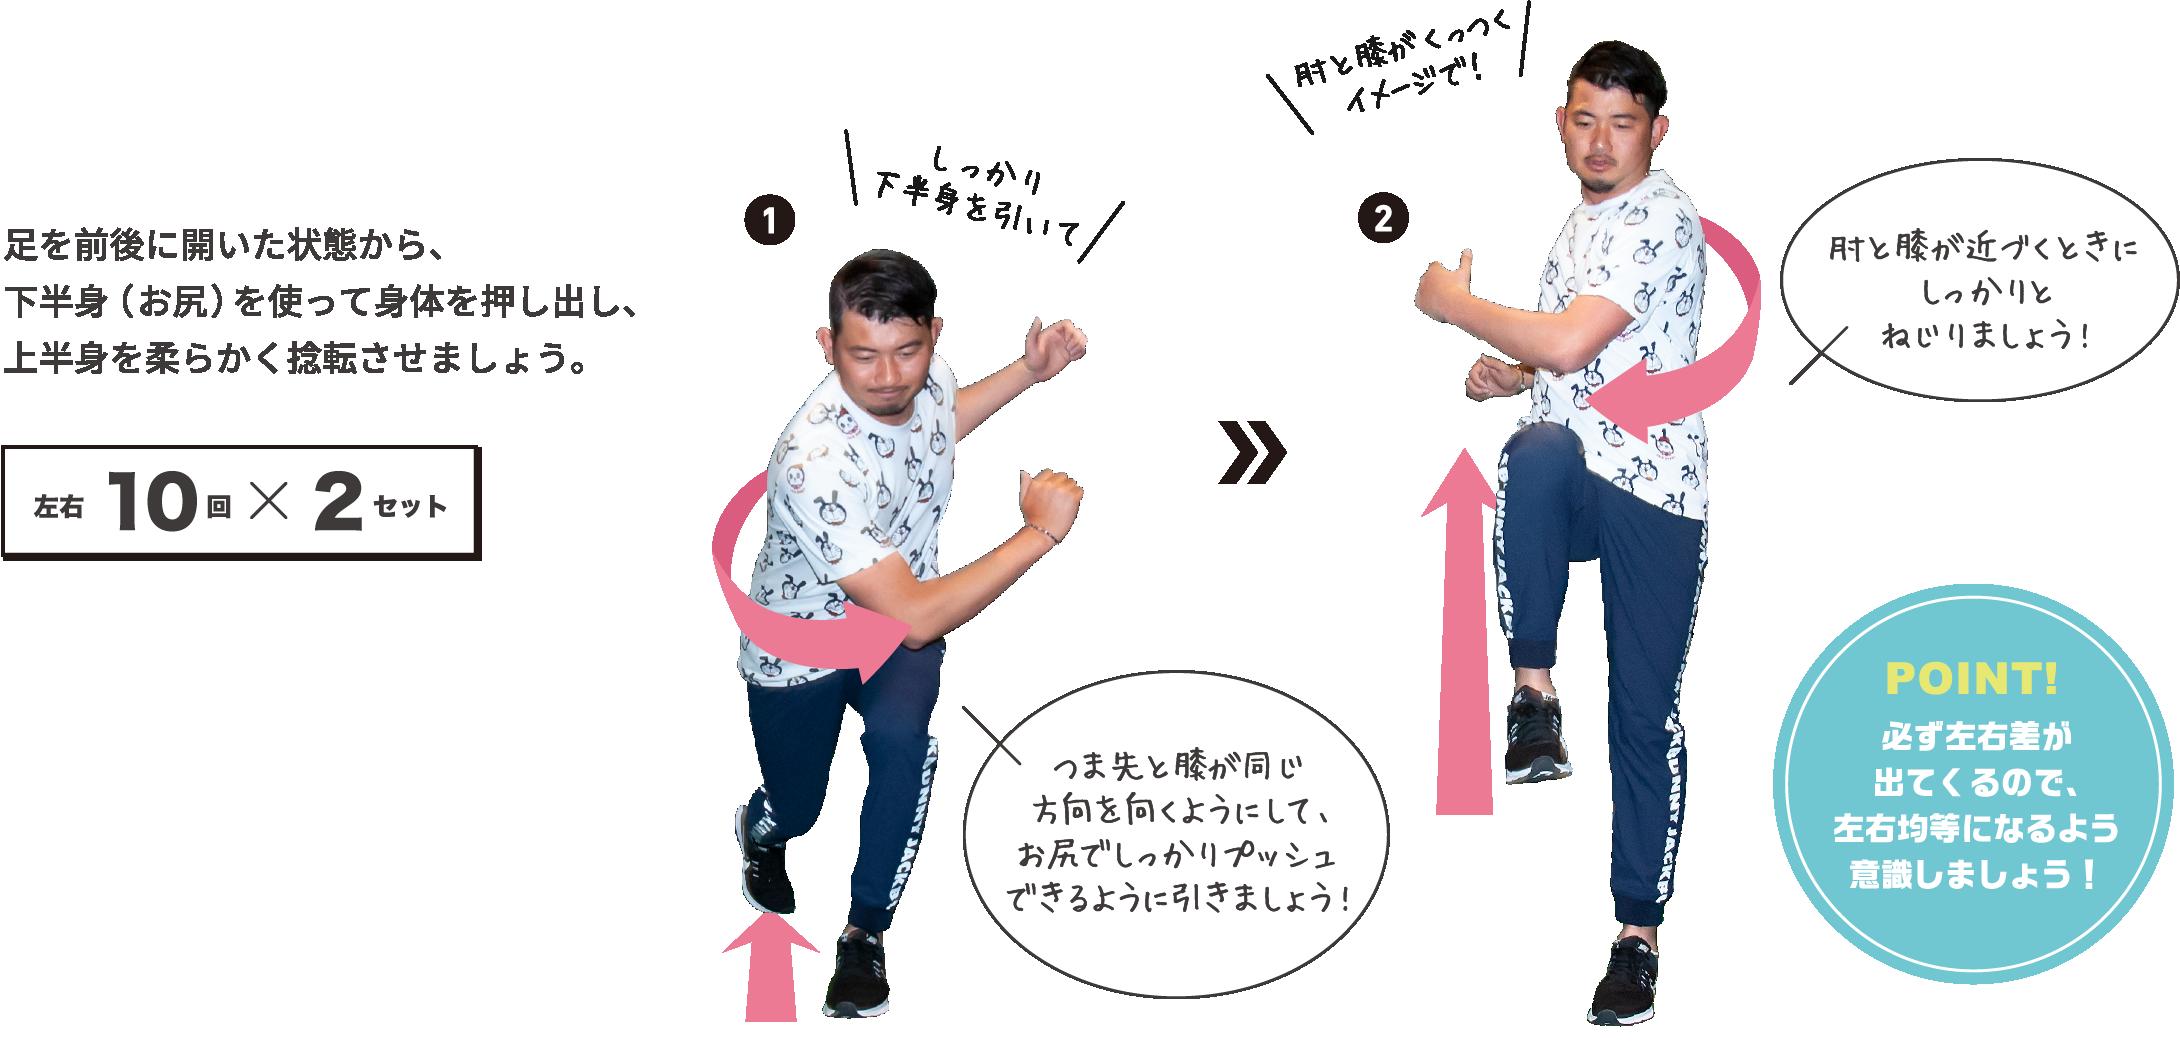 足を前後に開いた状態から、下半身(お尻)を使って身体を押し出し、上半身を柔らかく捻転させましょう。